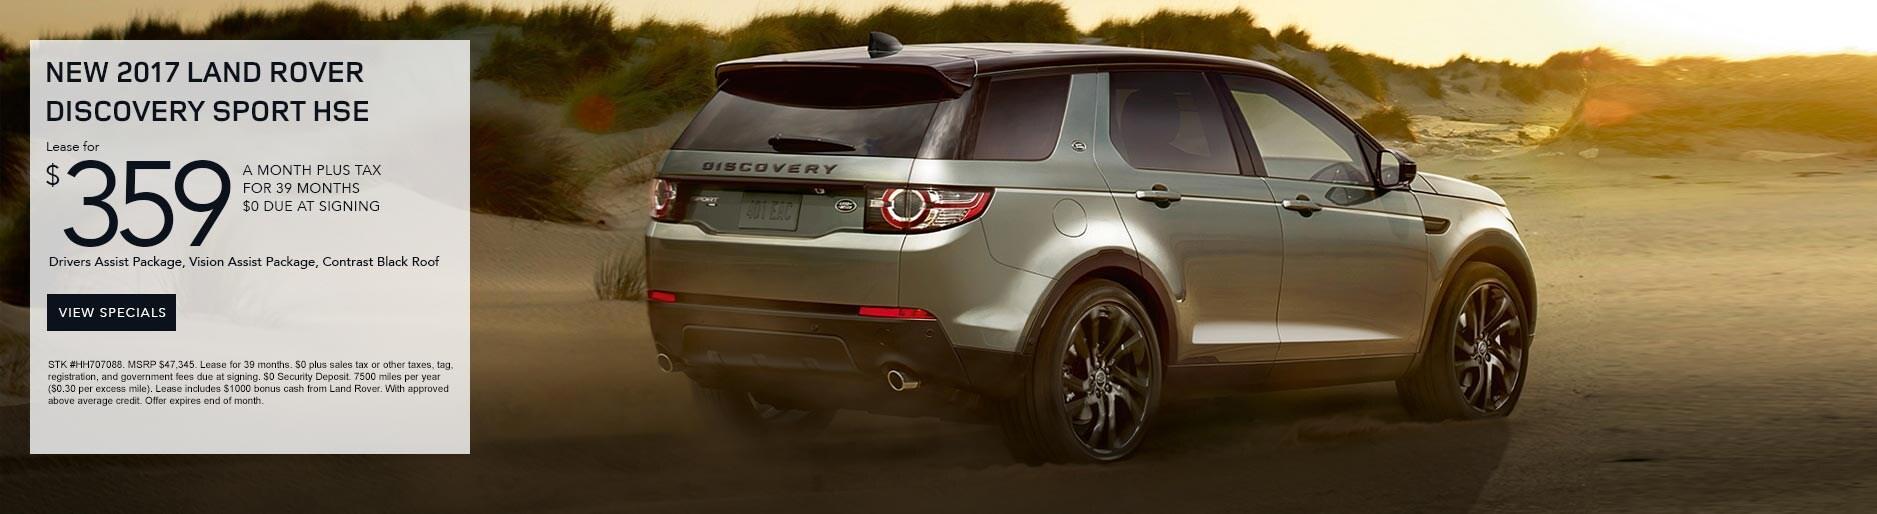 Land Rover Bethesda >> Land Rover Bethesda   Land Rover Dealer Near Me Bethesda, MD